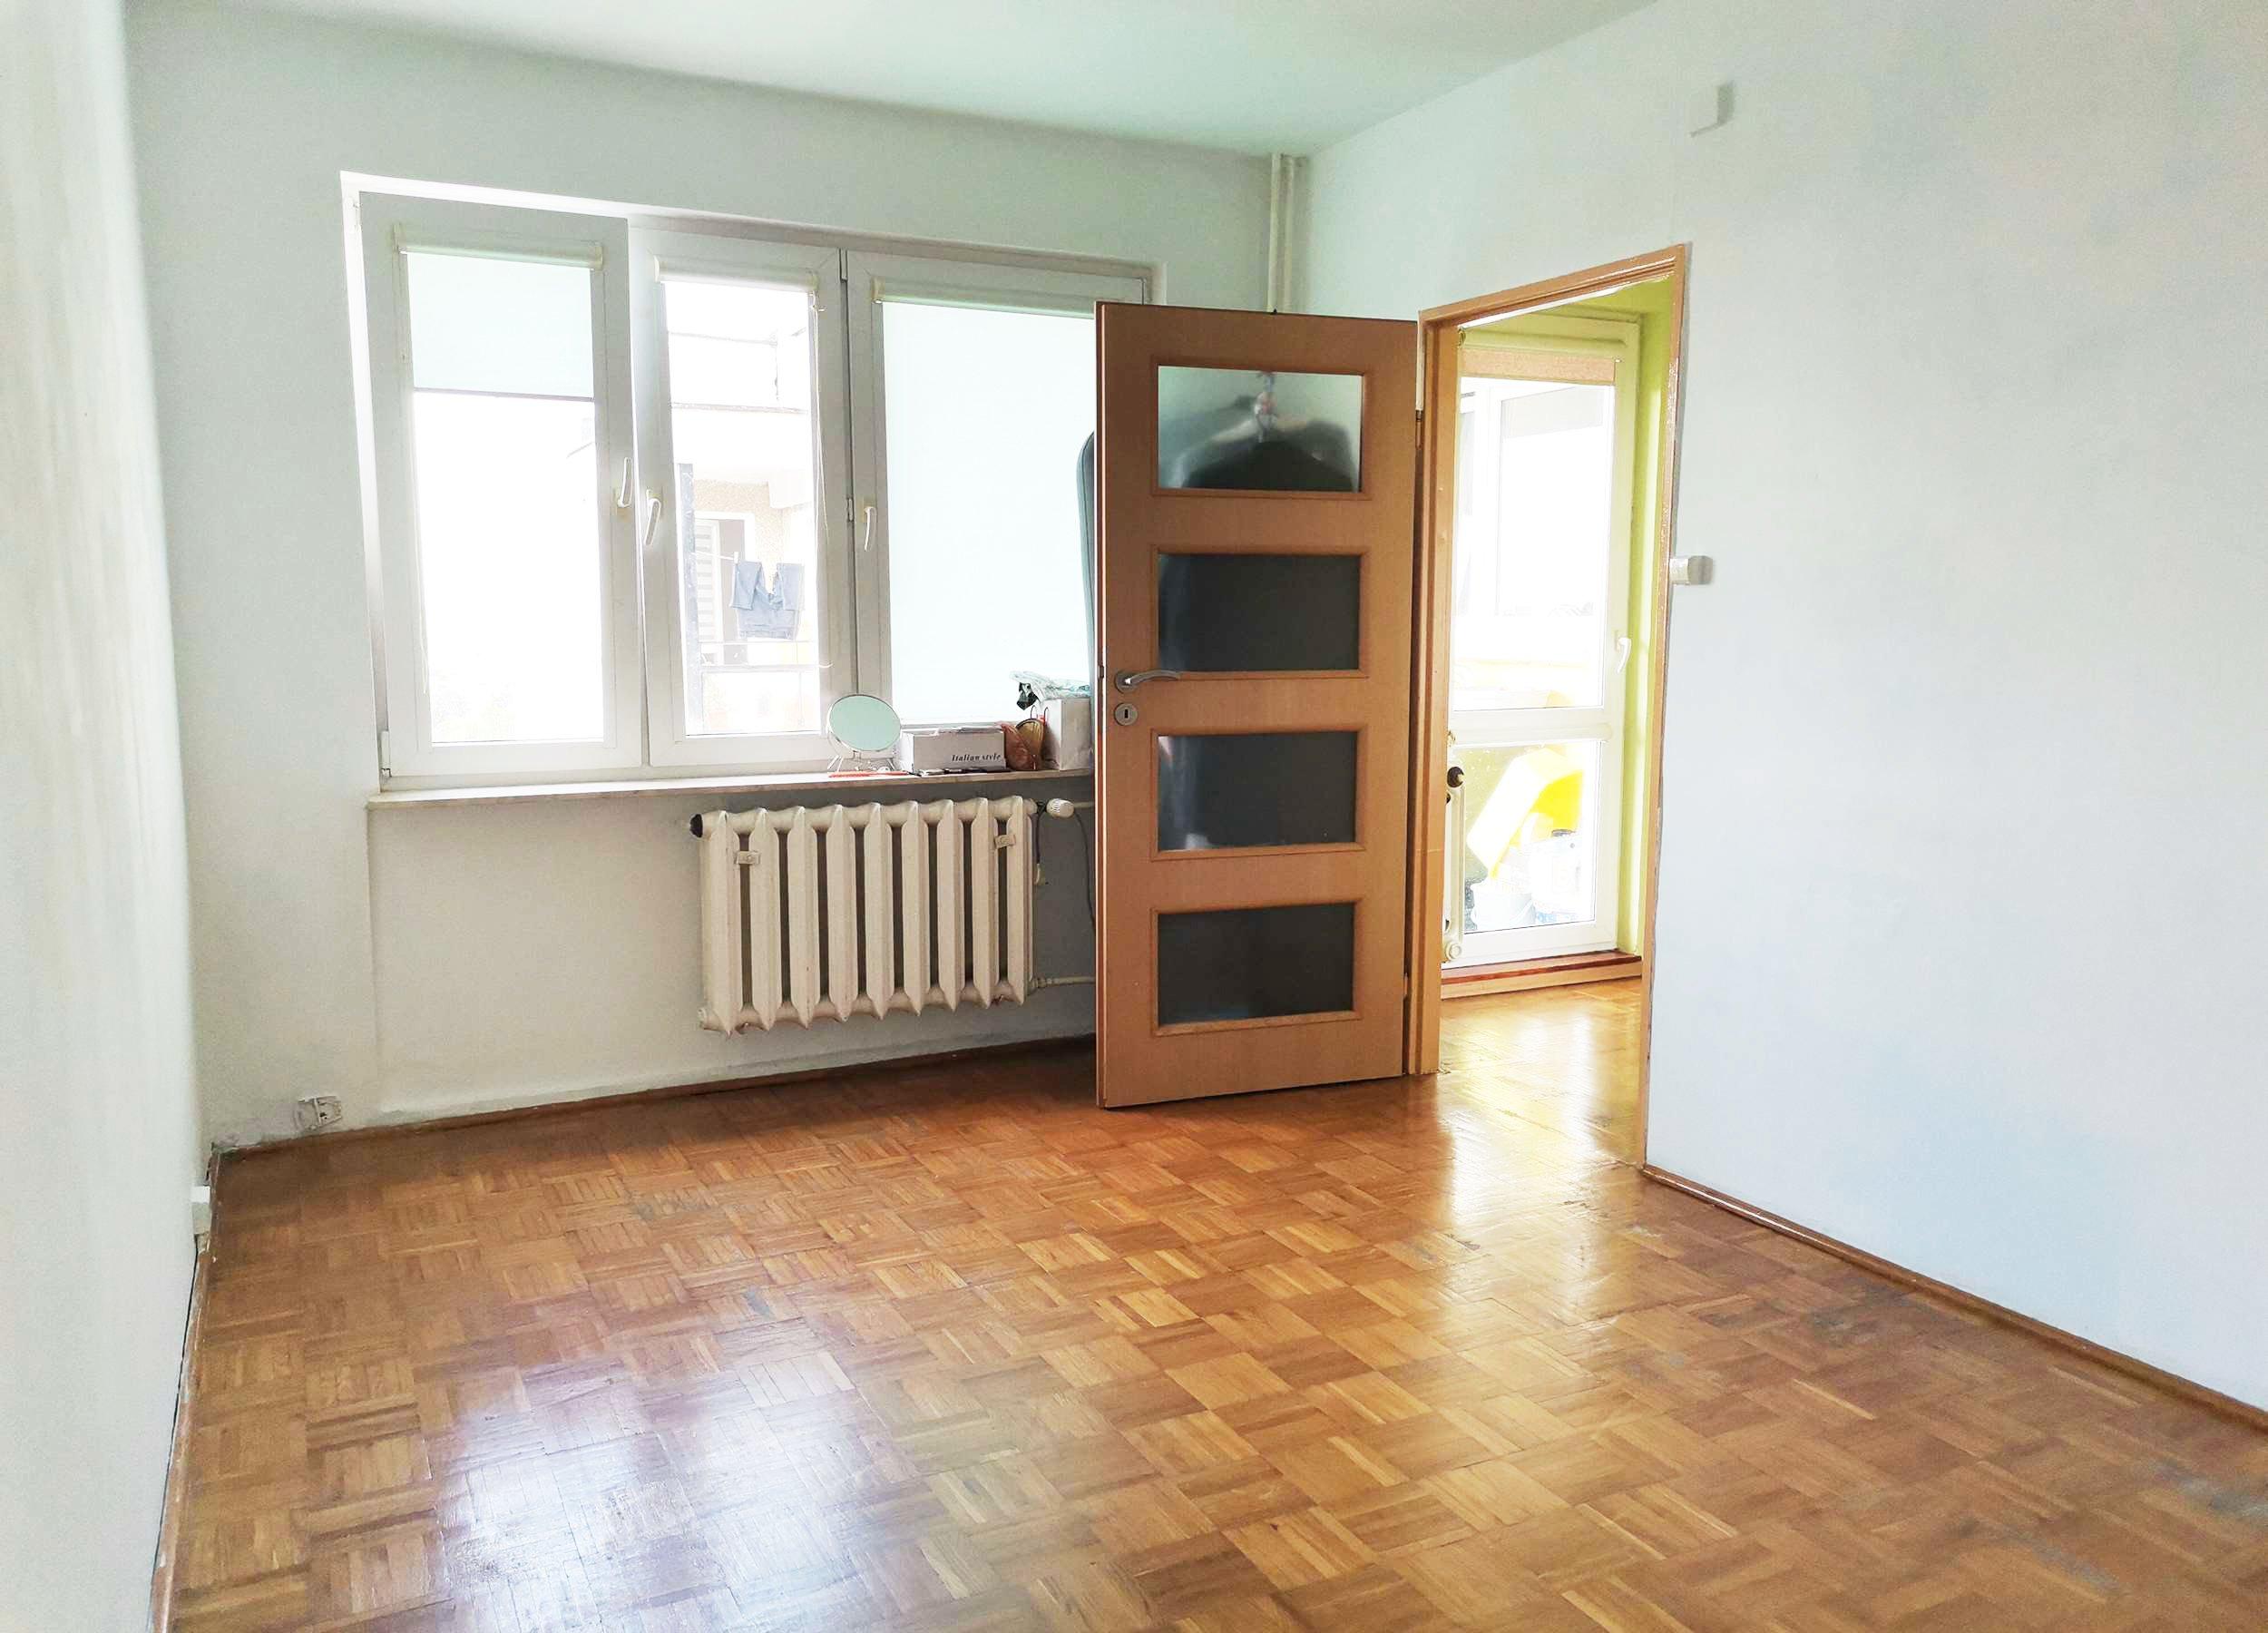 mieszkanie zamosc sprzedaz wyszynskiego - mieszkanie na sprzedaż - Krzysztof Górski Nieruchomości Zamość